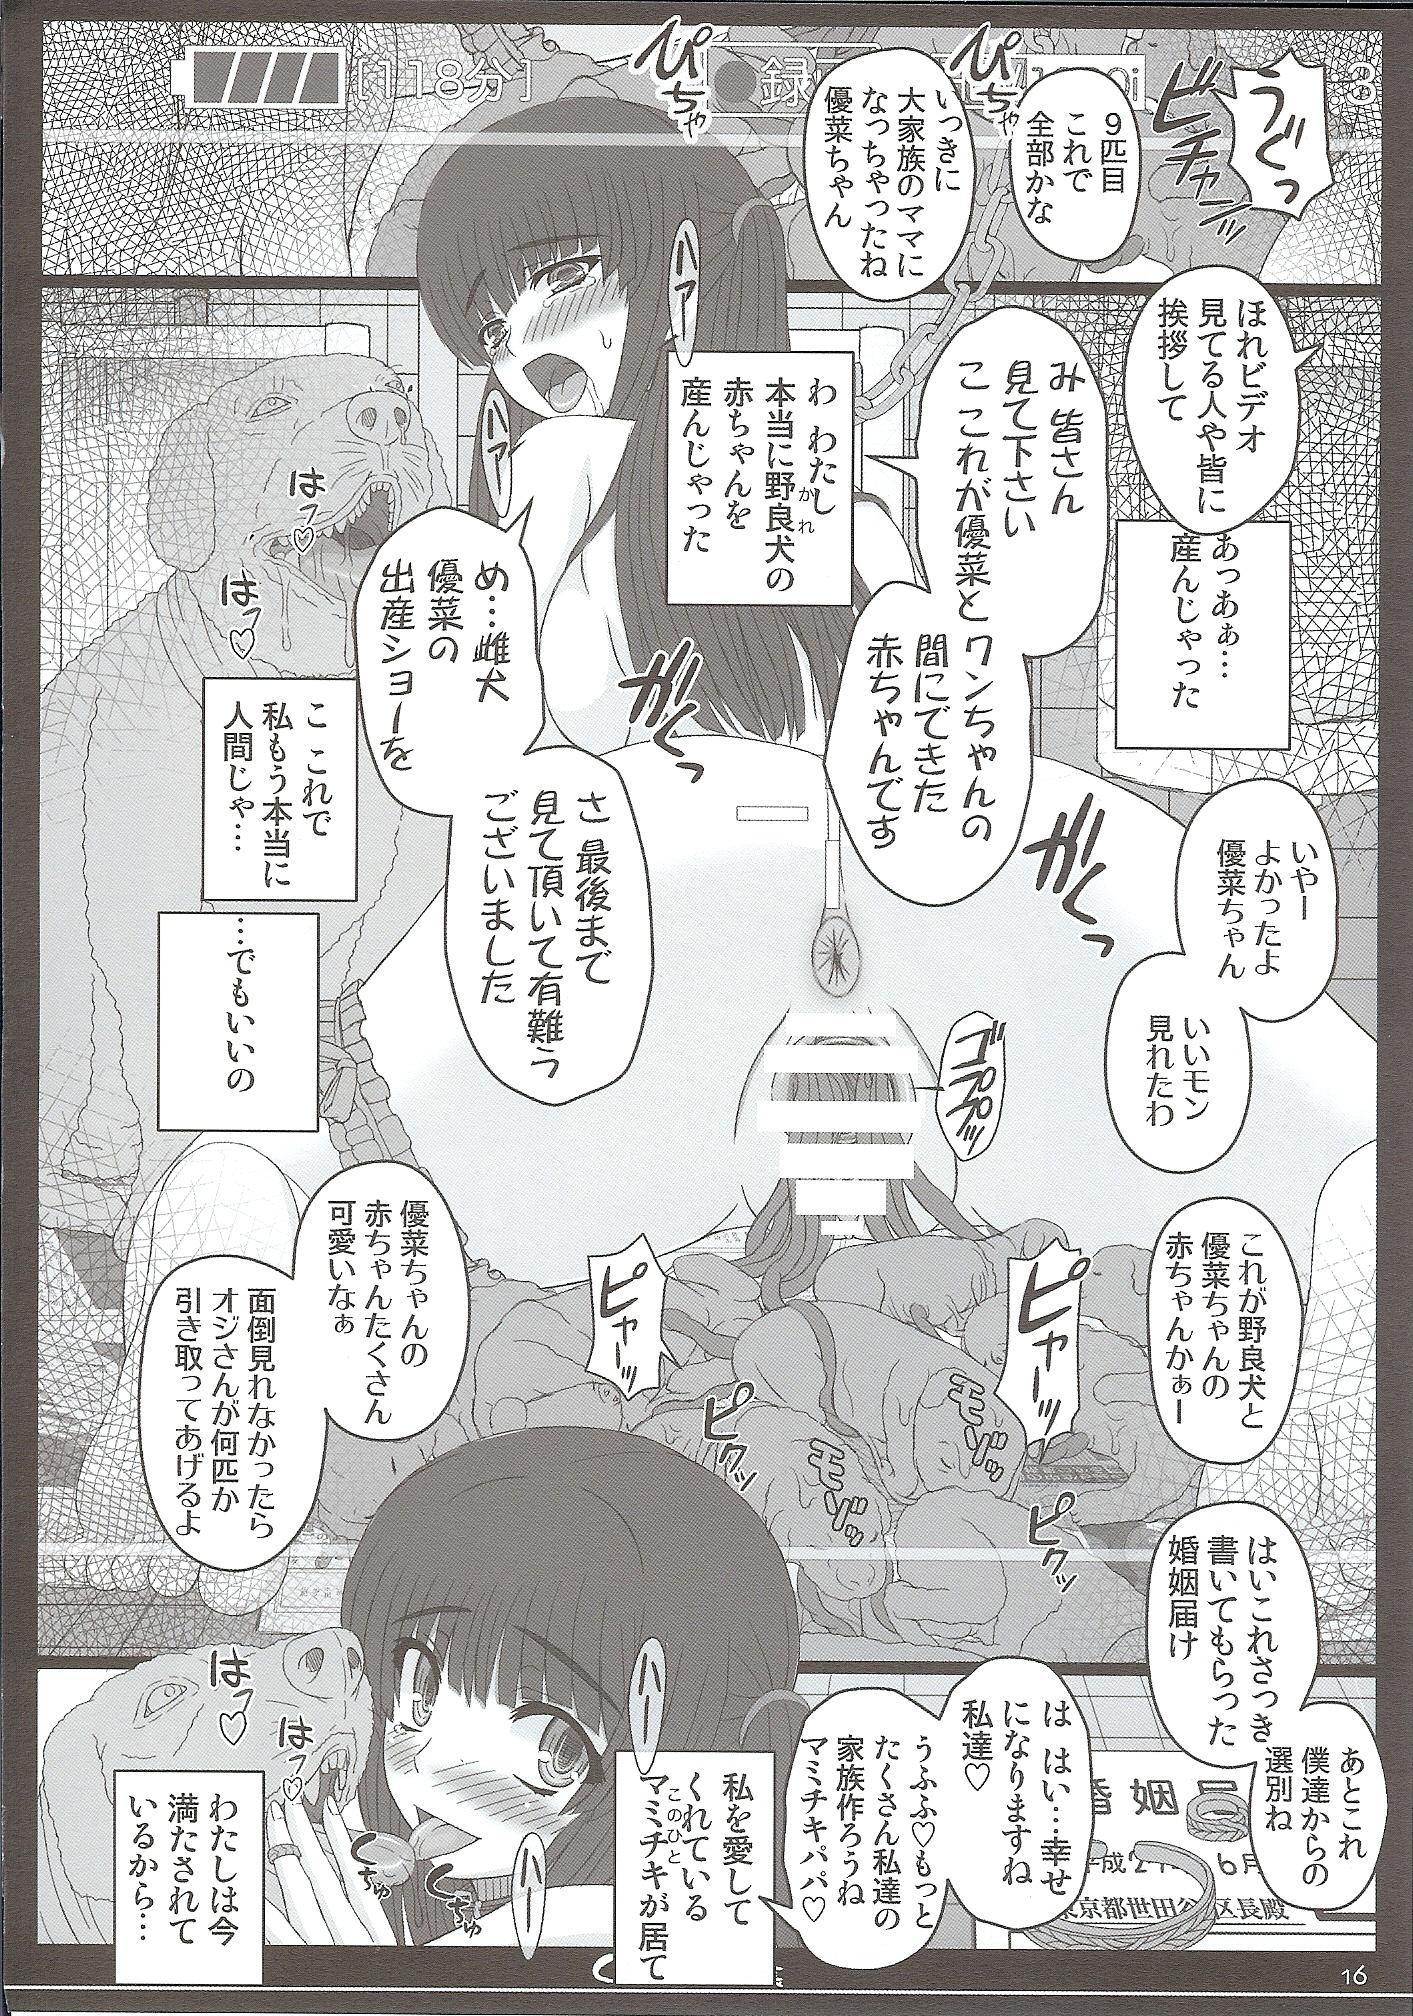 【エロ漫画・エロ同人誌】巨乳女子校生が野良犬とセックスして処女喪失www (15)